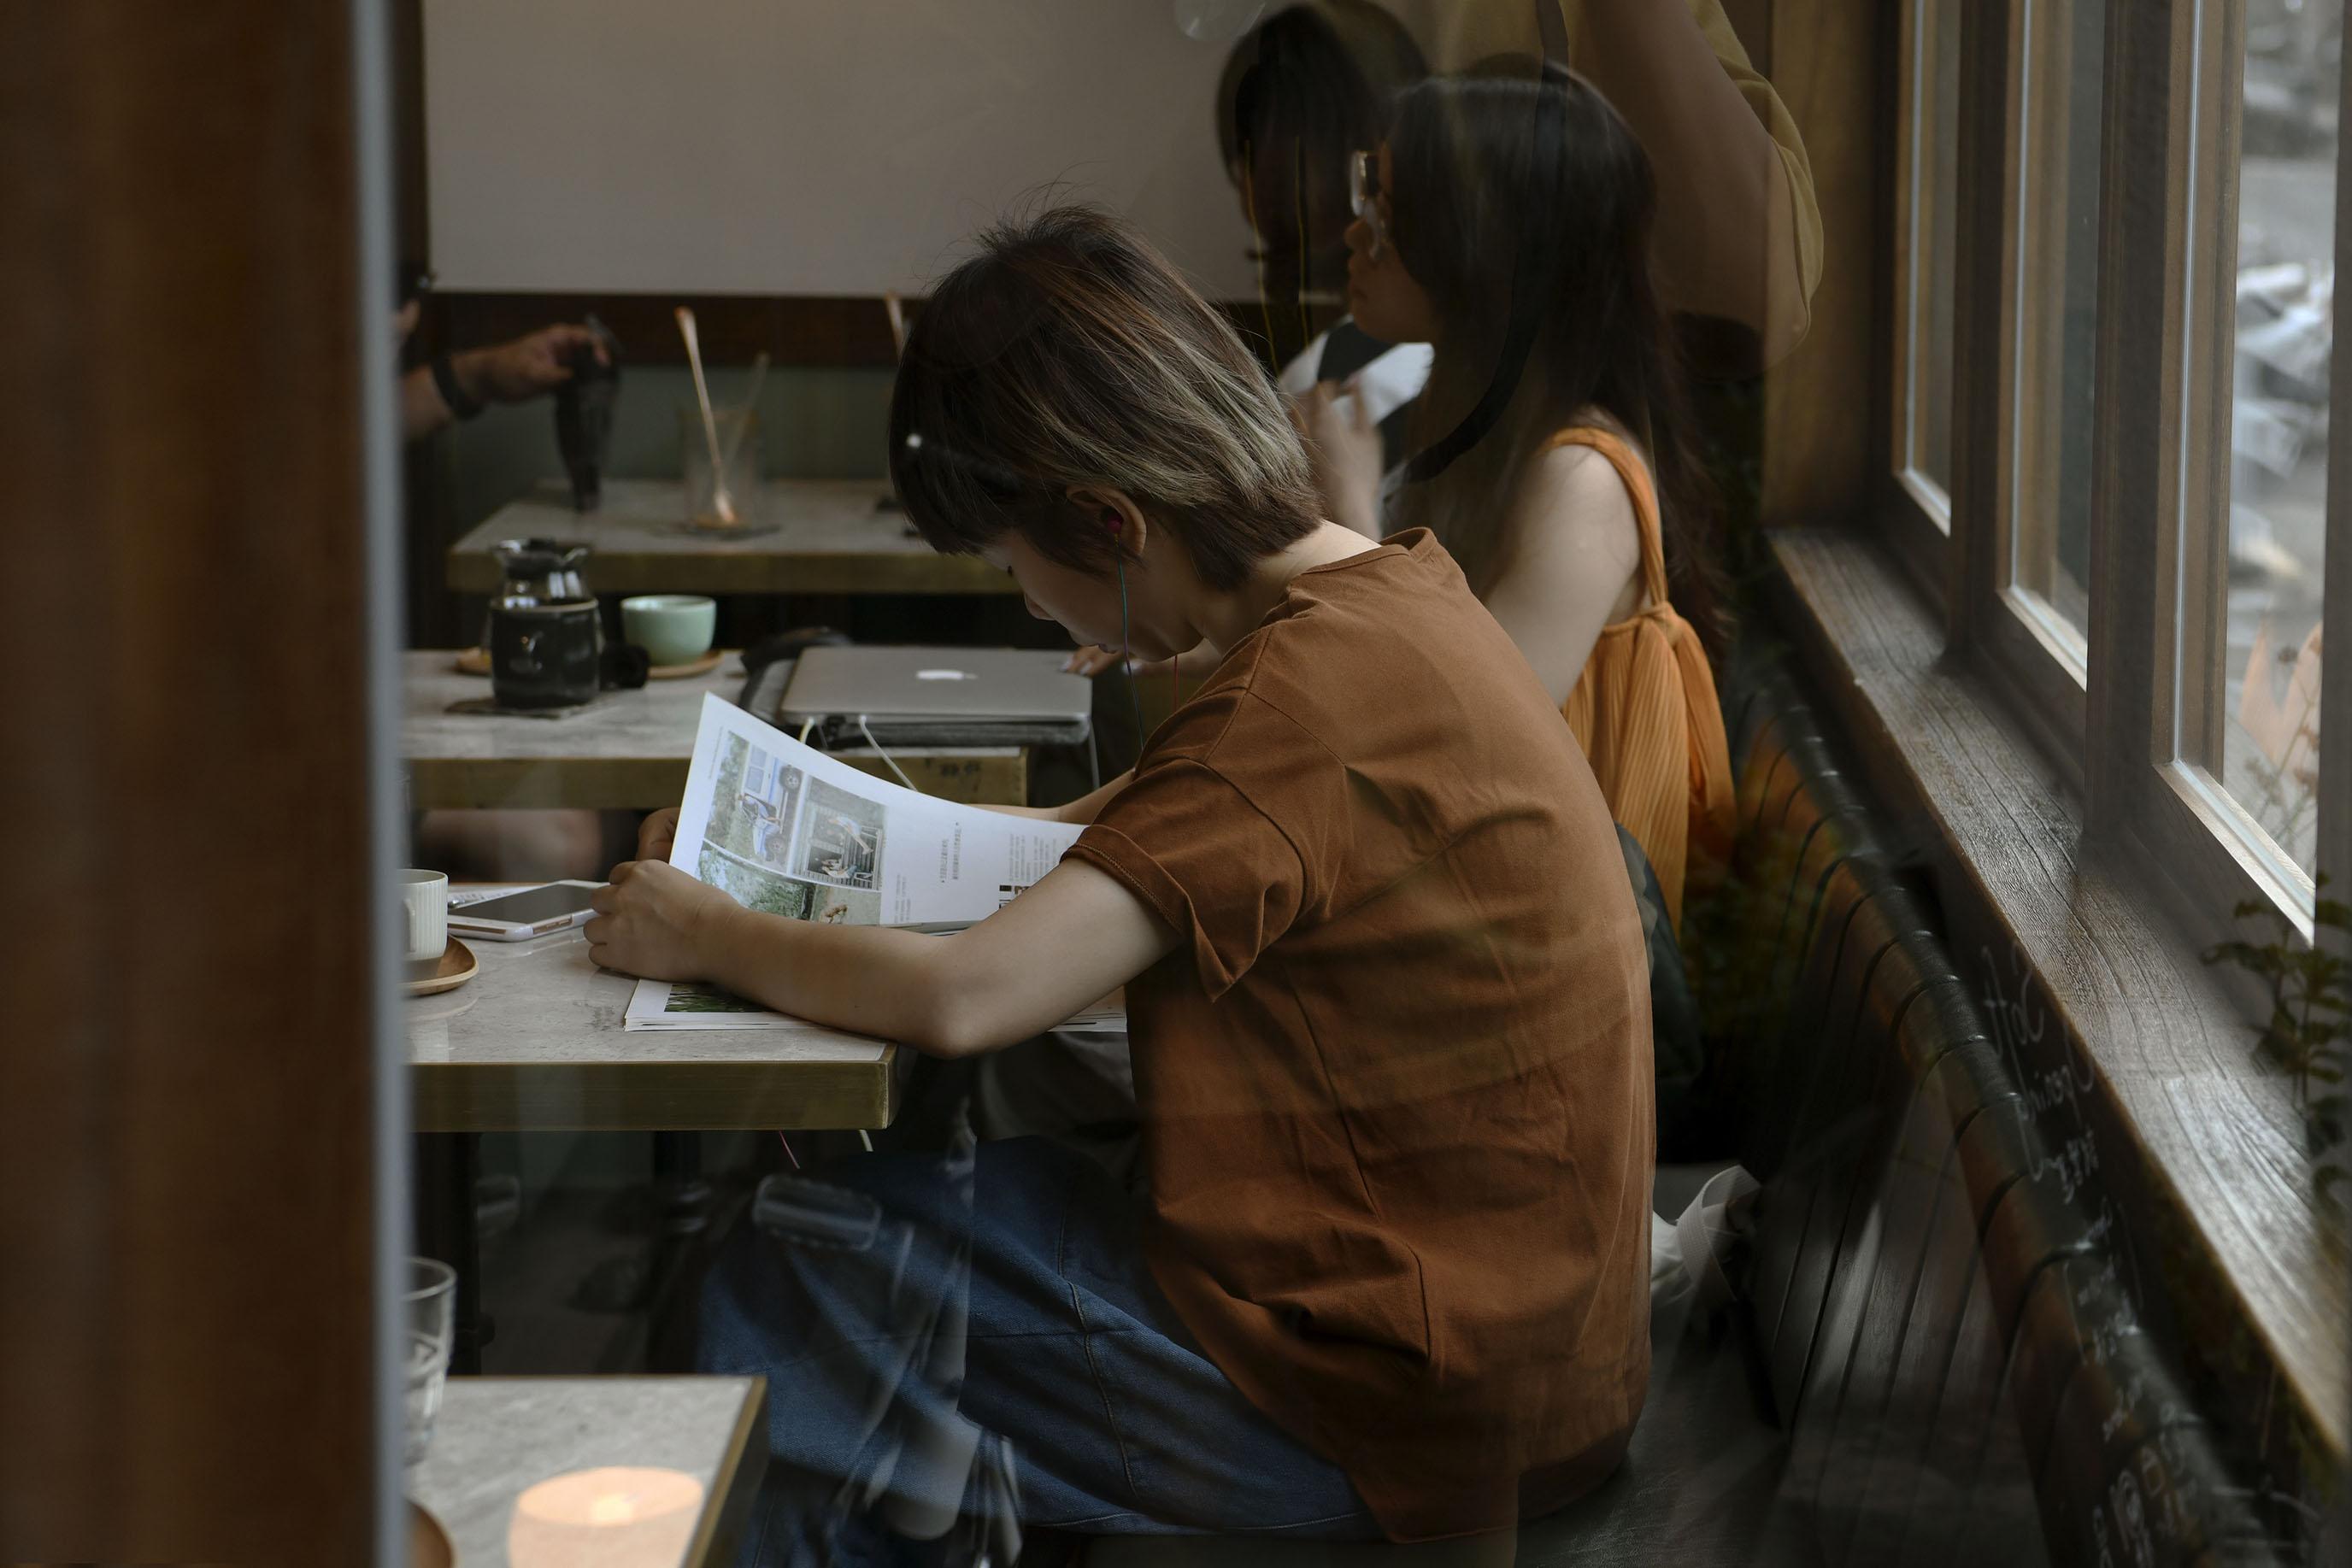 台北新的光景,午後窗前咖啡閱讀|咖啡器物店 @MENS 30S LIFE